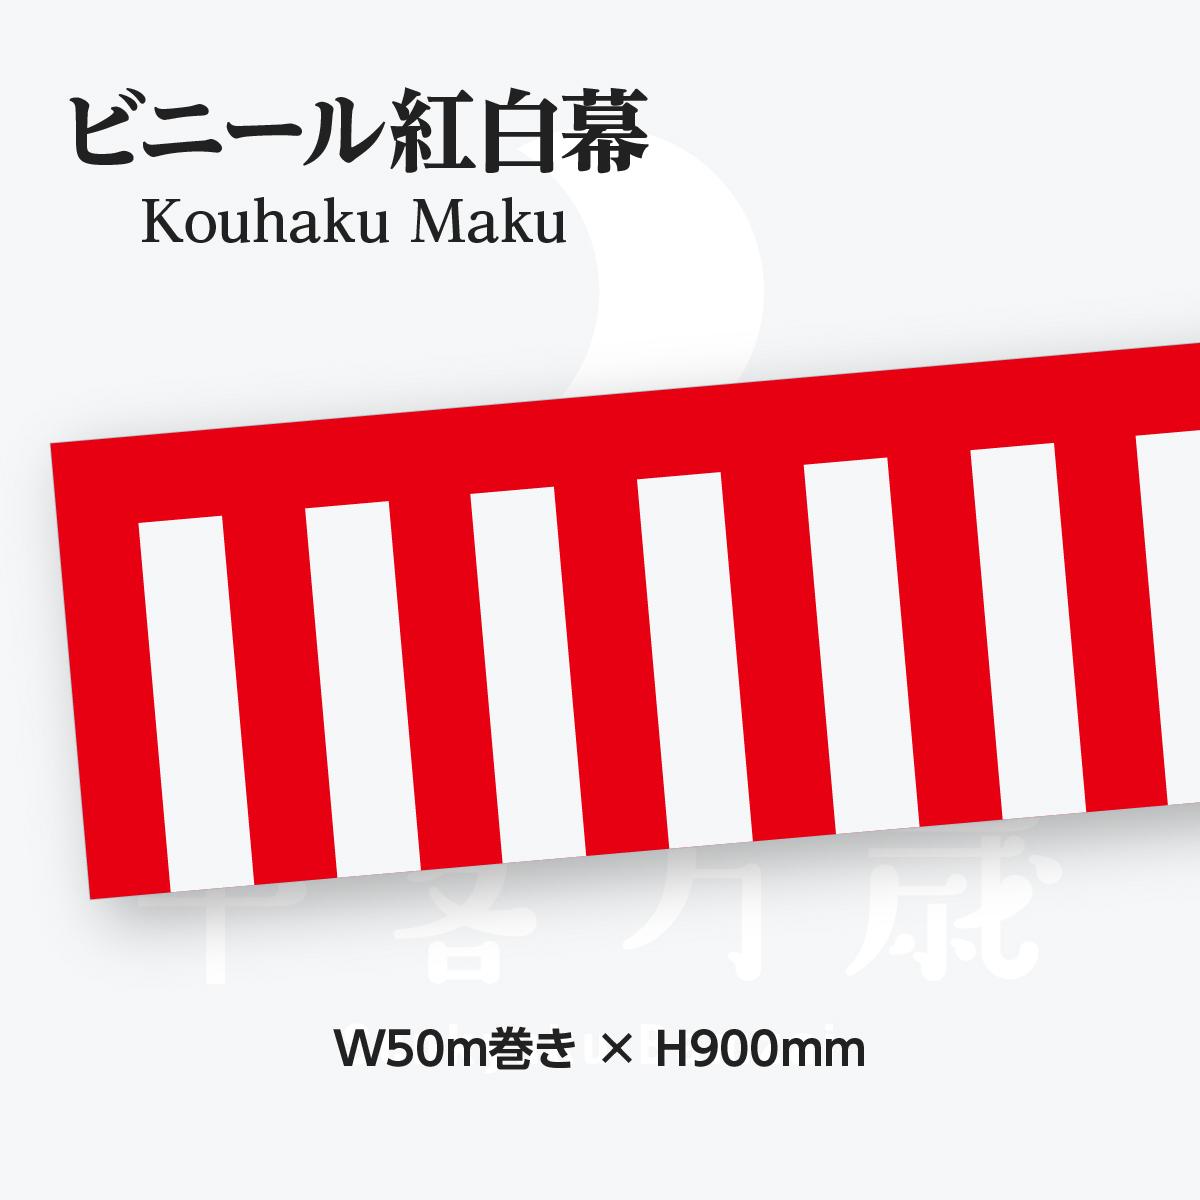 50mロール巻の安価な紅白幕 ワゴンや壁 柱への使用が多いです 紅白幕ビニール製 高さ90cm 19408 海外 ブランド品 幅50mロール巻き